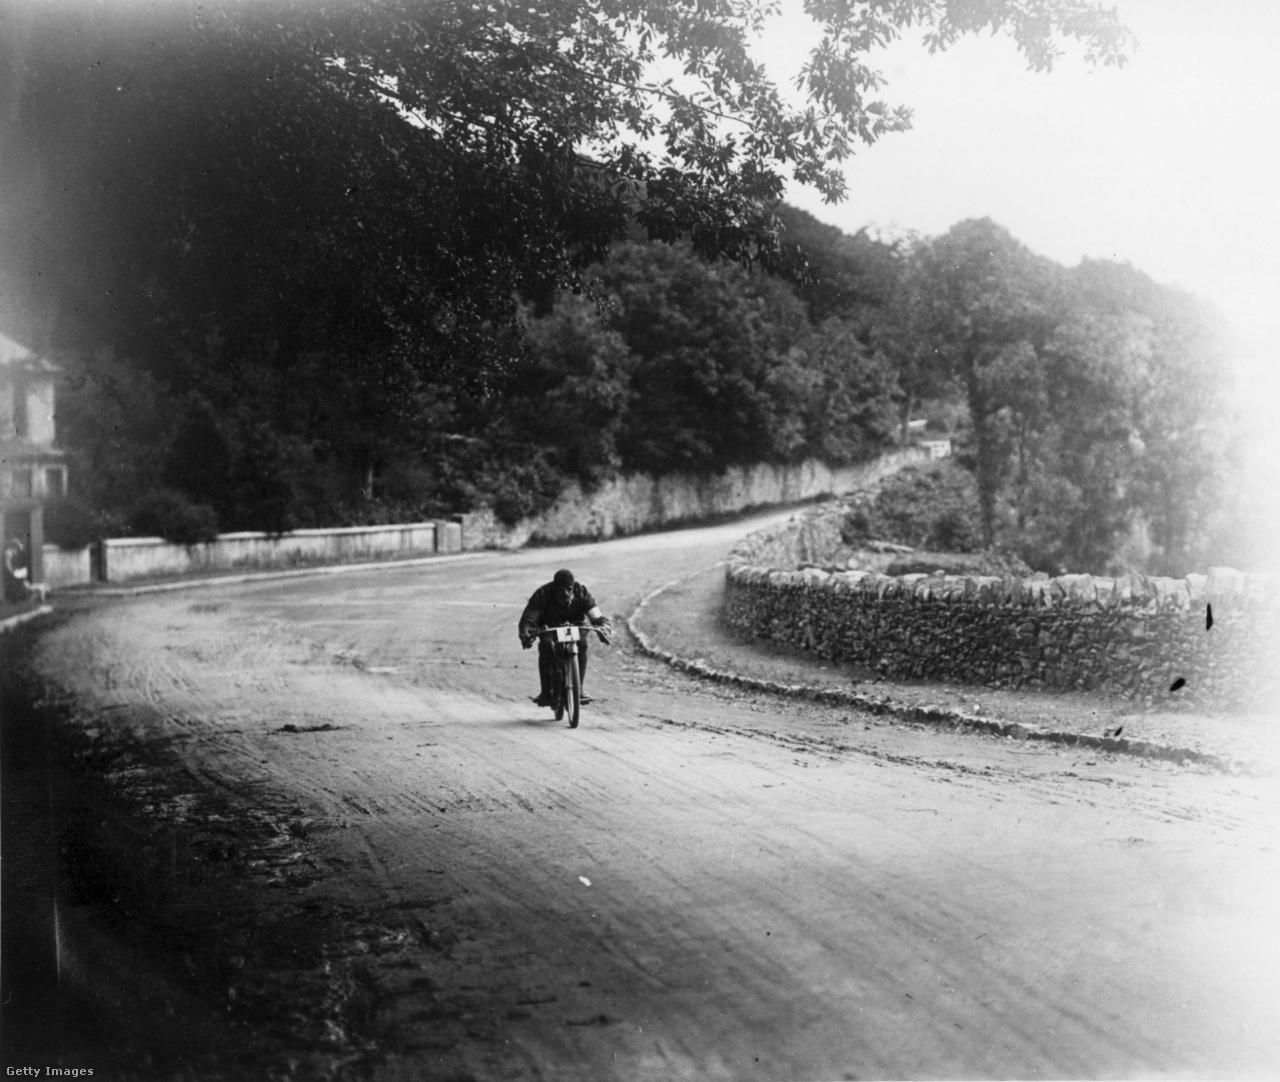 Így nézett ki az Isle of Man a hőskorban, 1912-ben